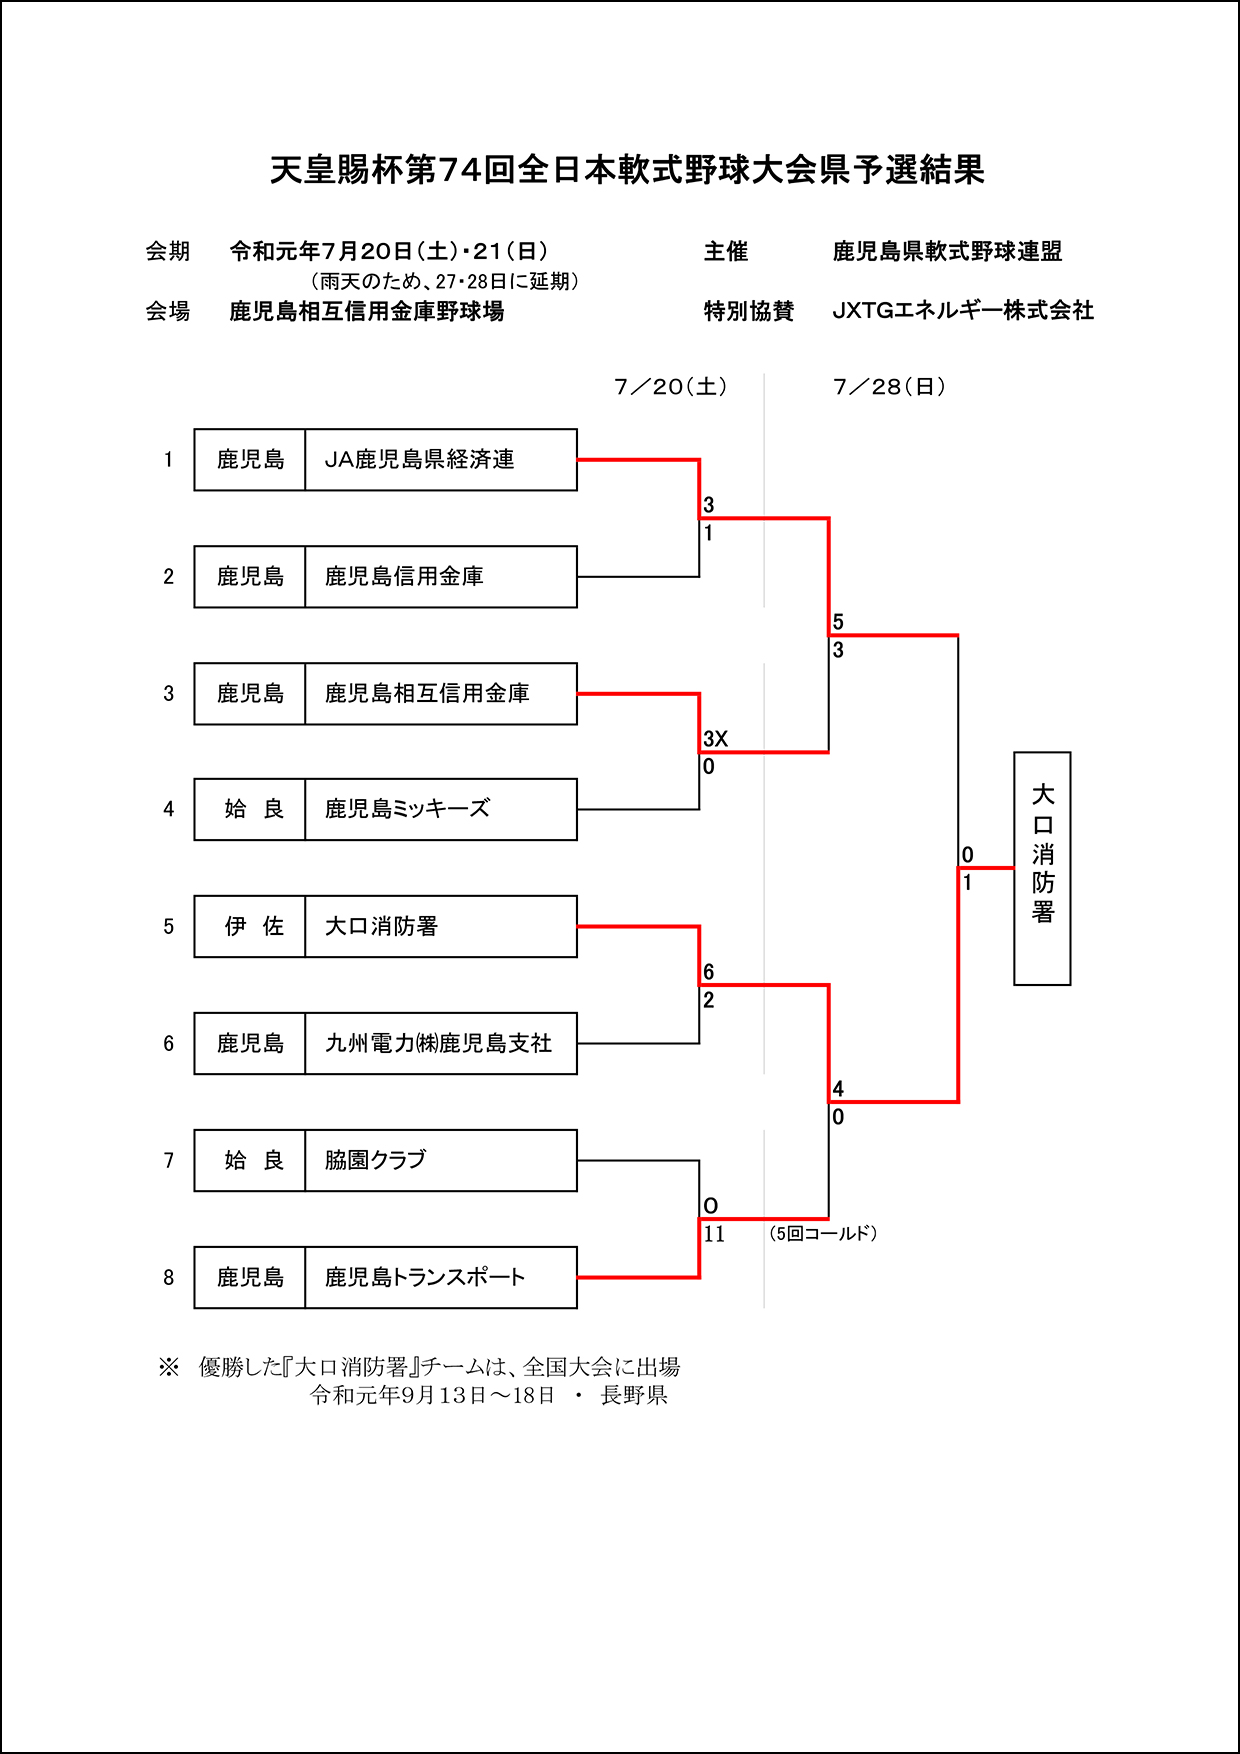 【結果】天皇賜杯第74回全日本軟式野球大会県予選